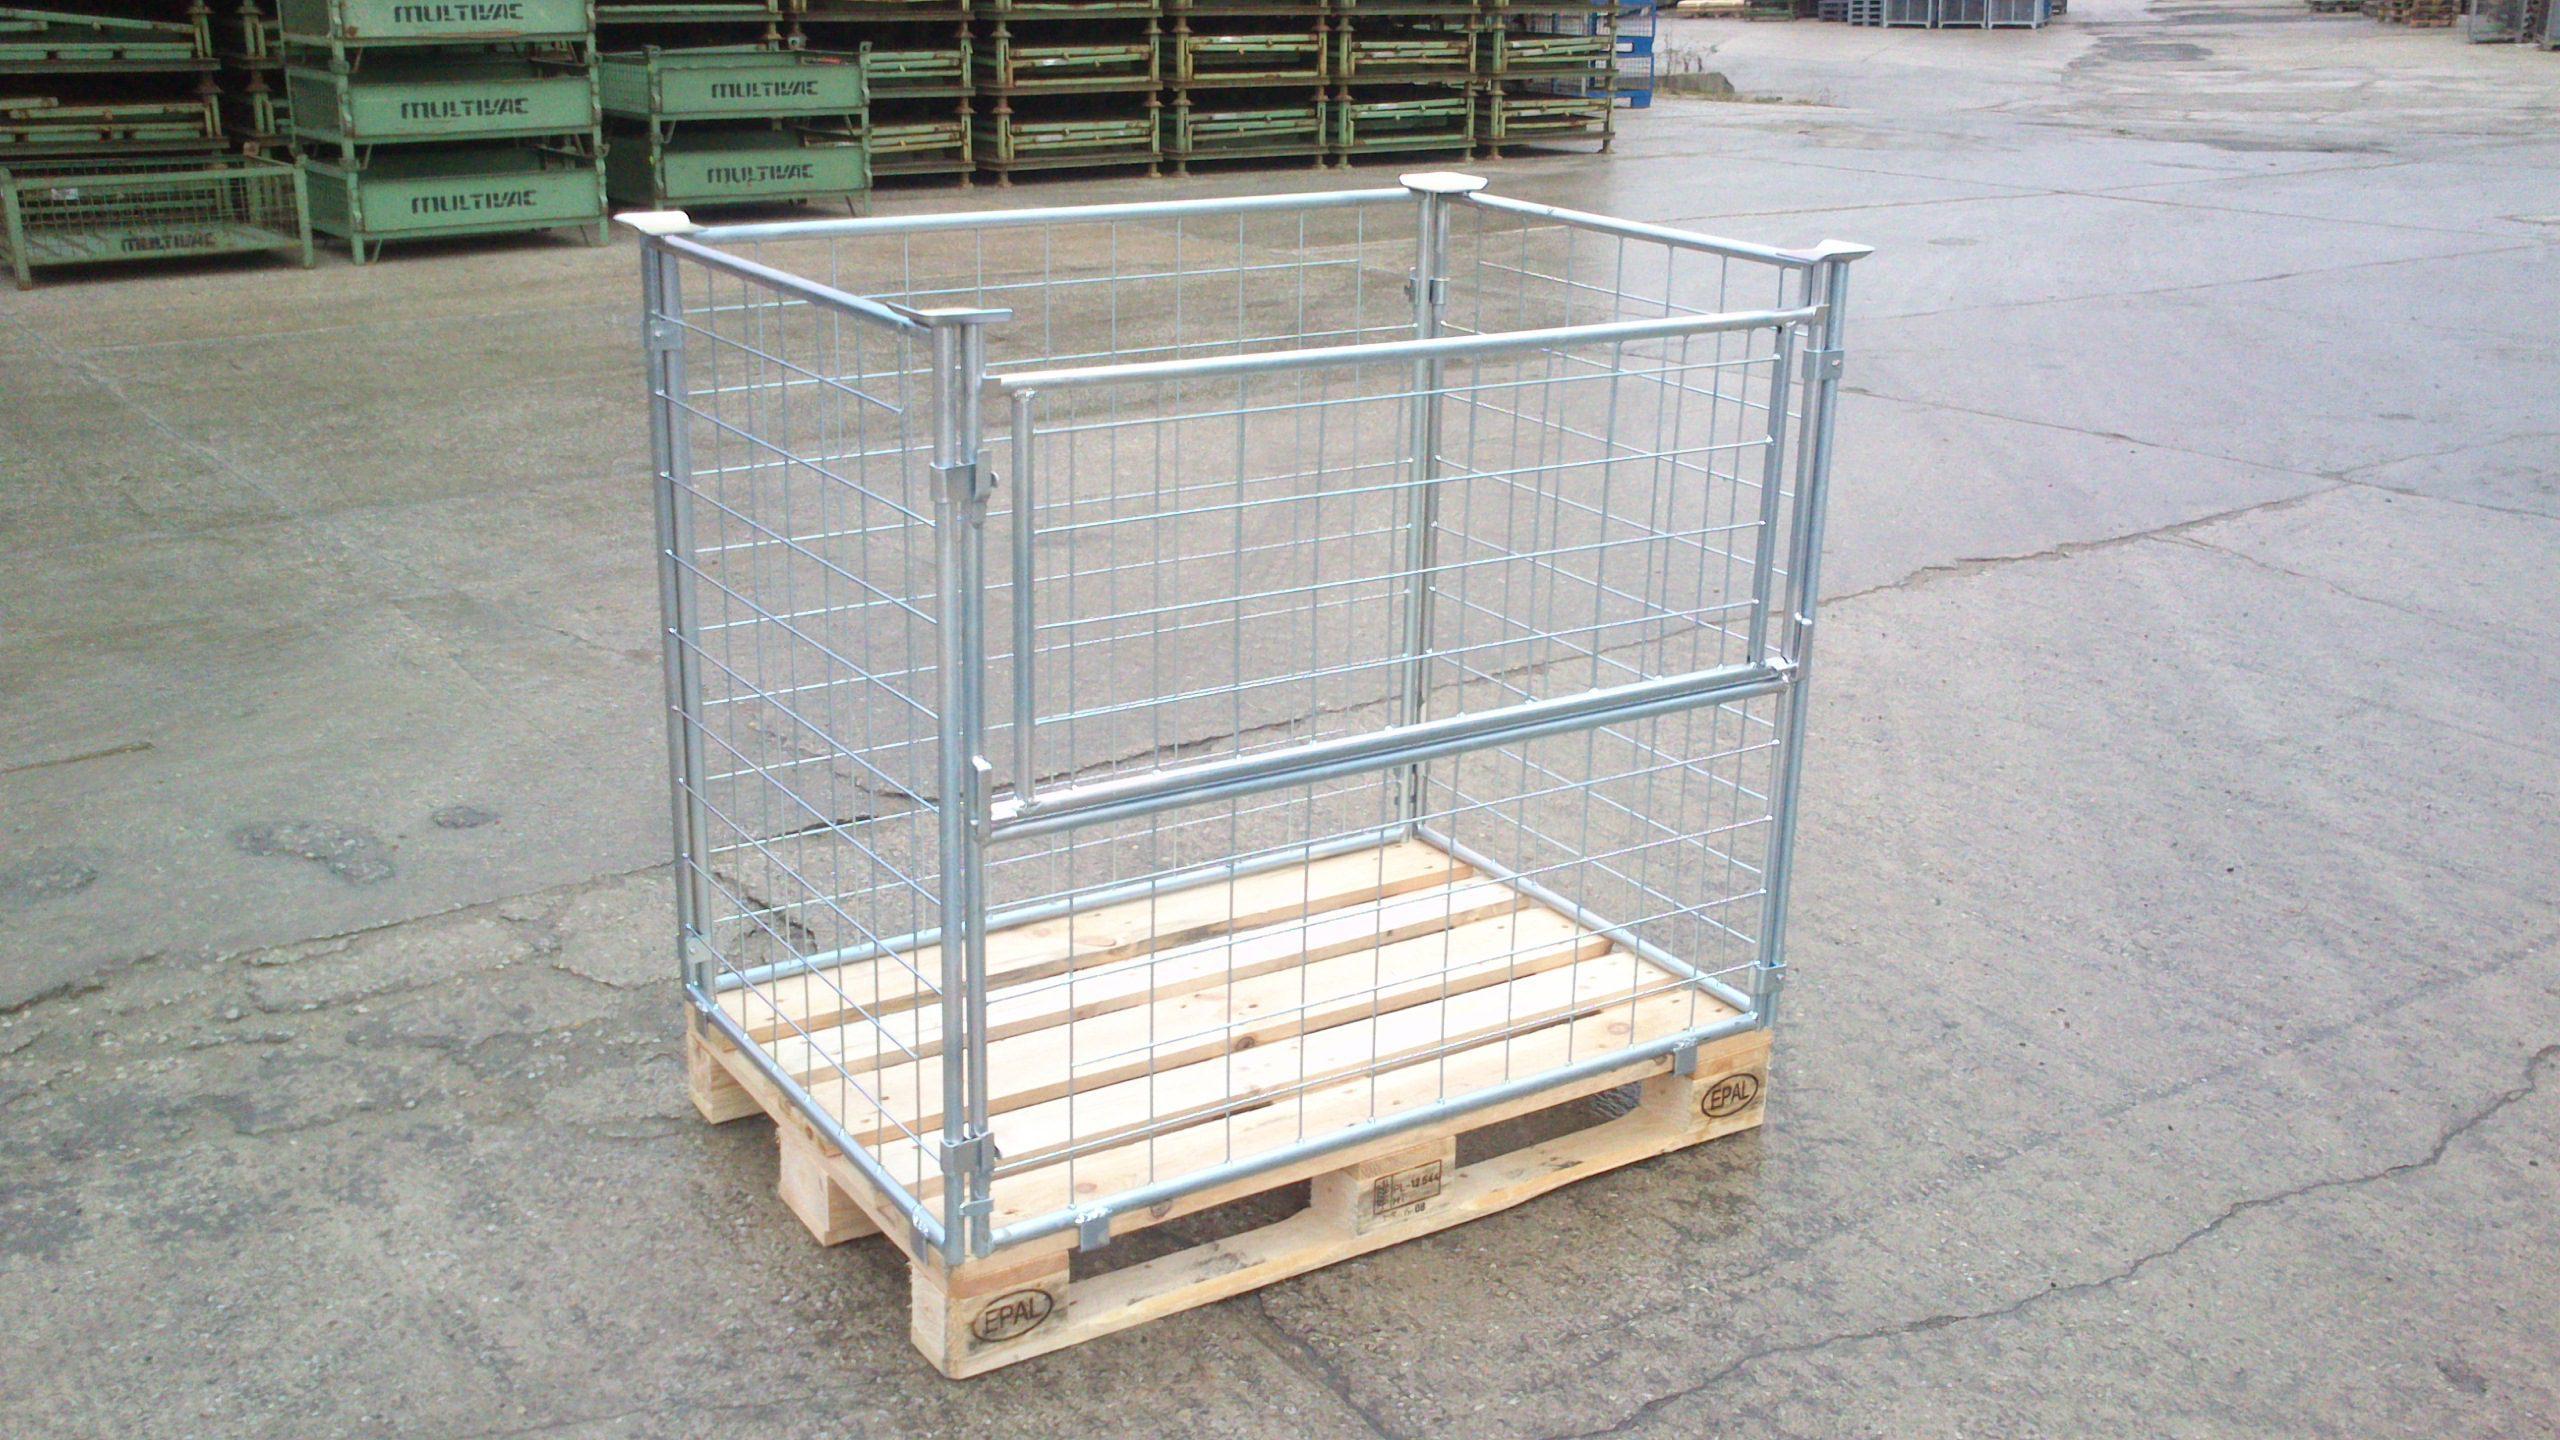 Gitteraufsatzrahmen EUL-H100-gvz, neu-0